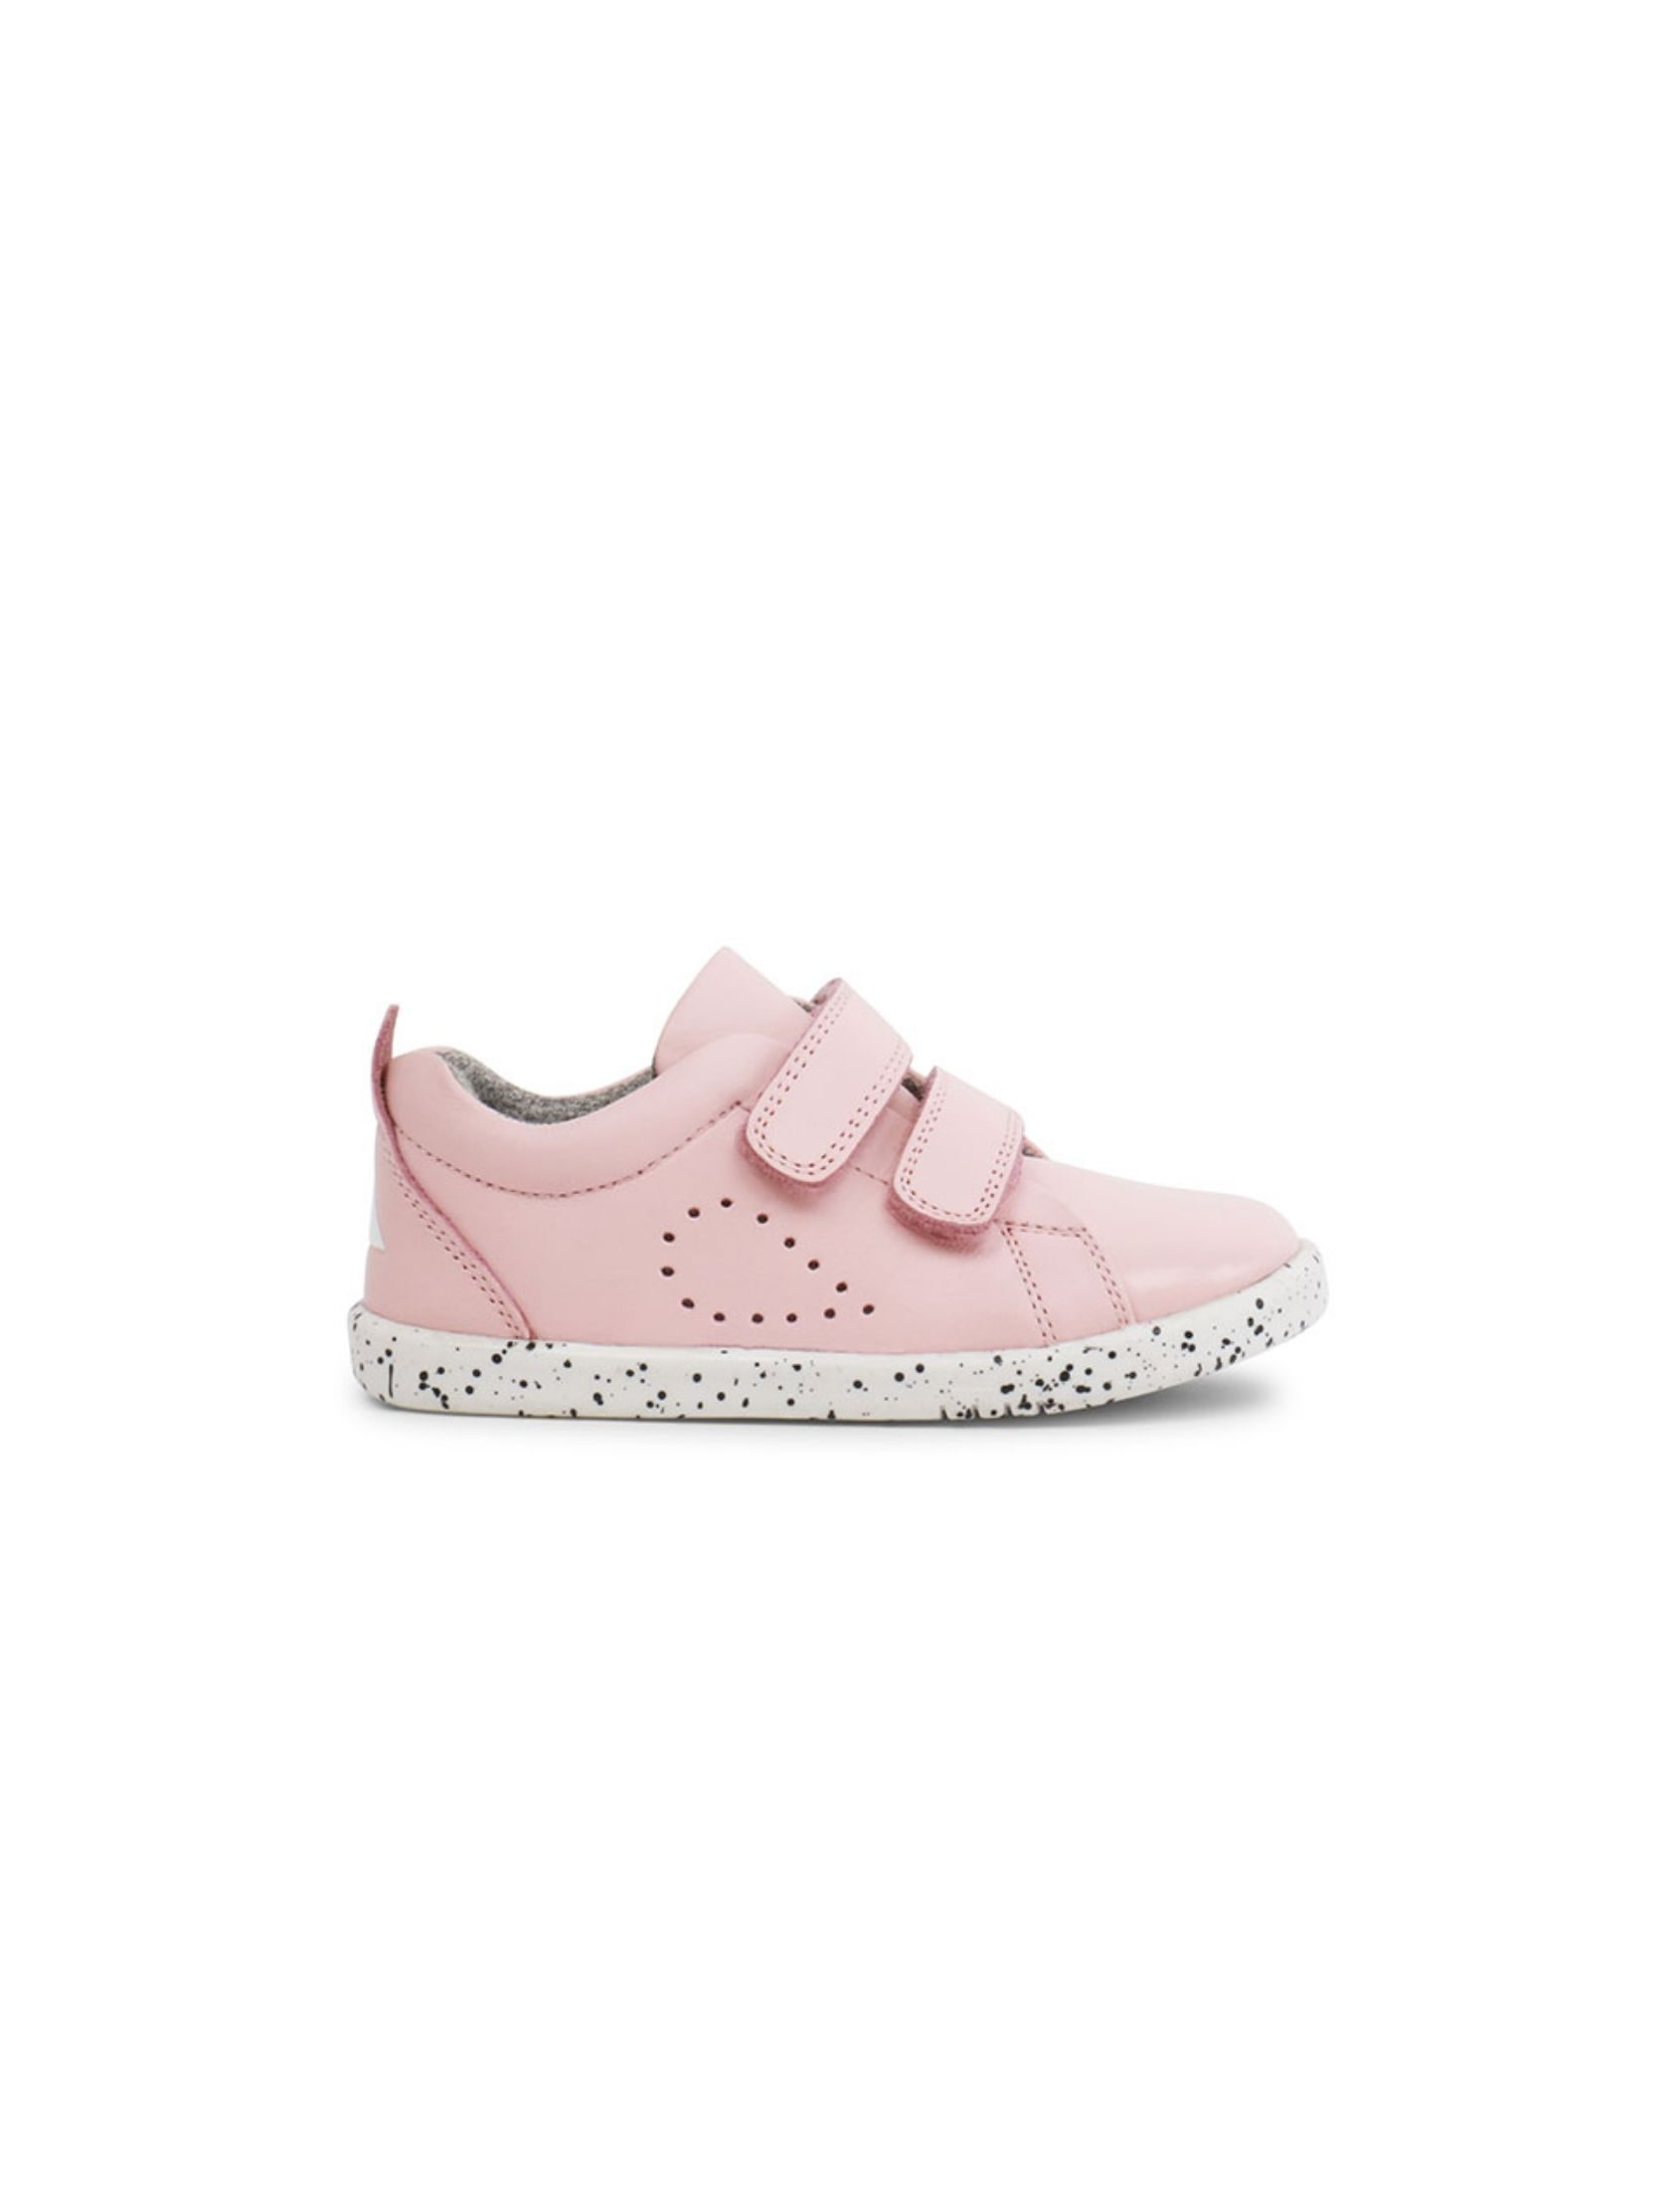 zapatilla de niña grass court trainer en color rosa con velcro y suela blanca